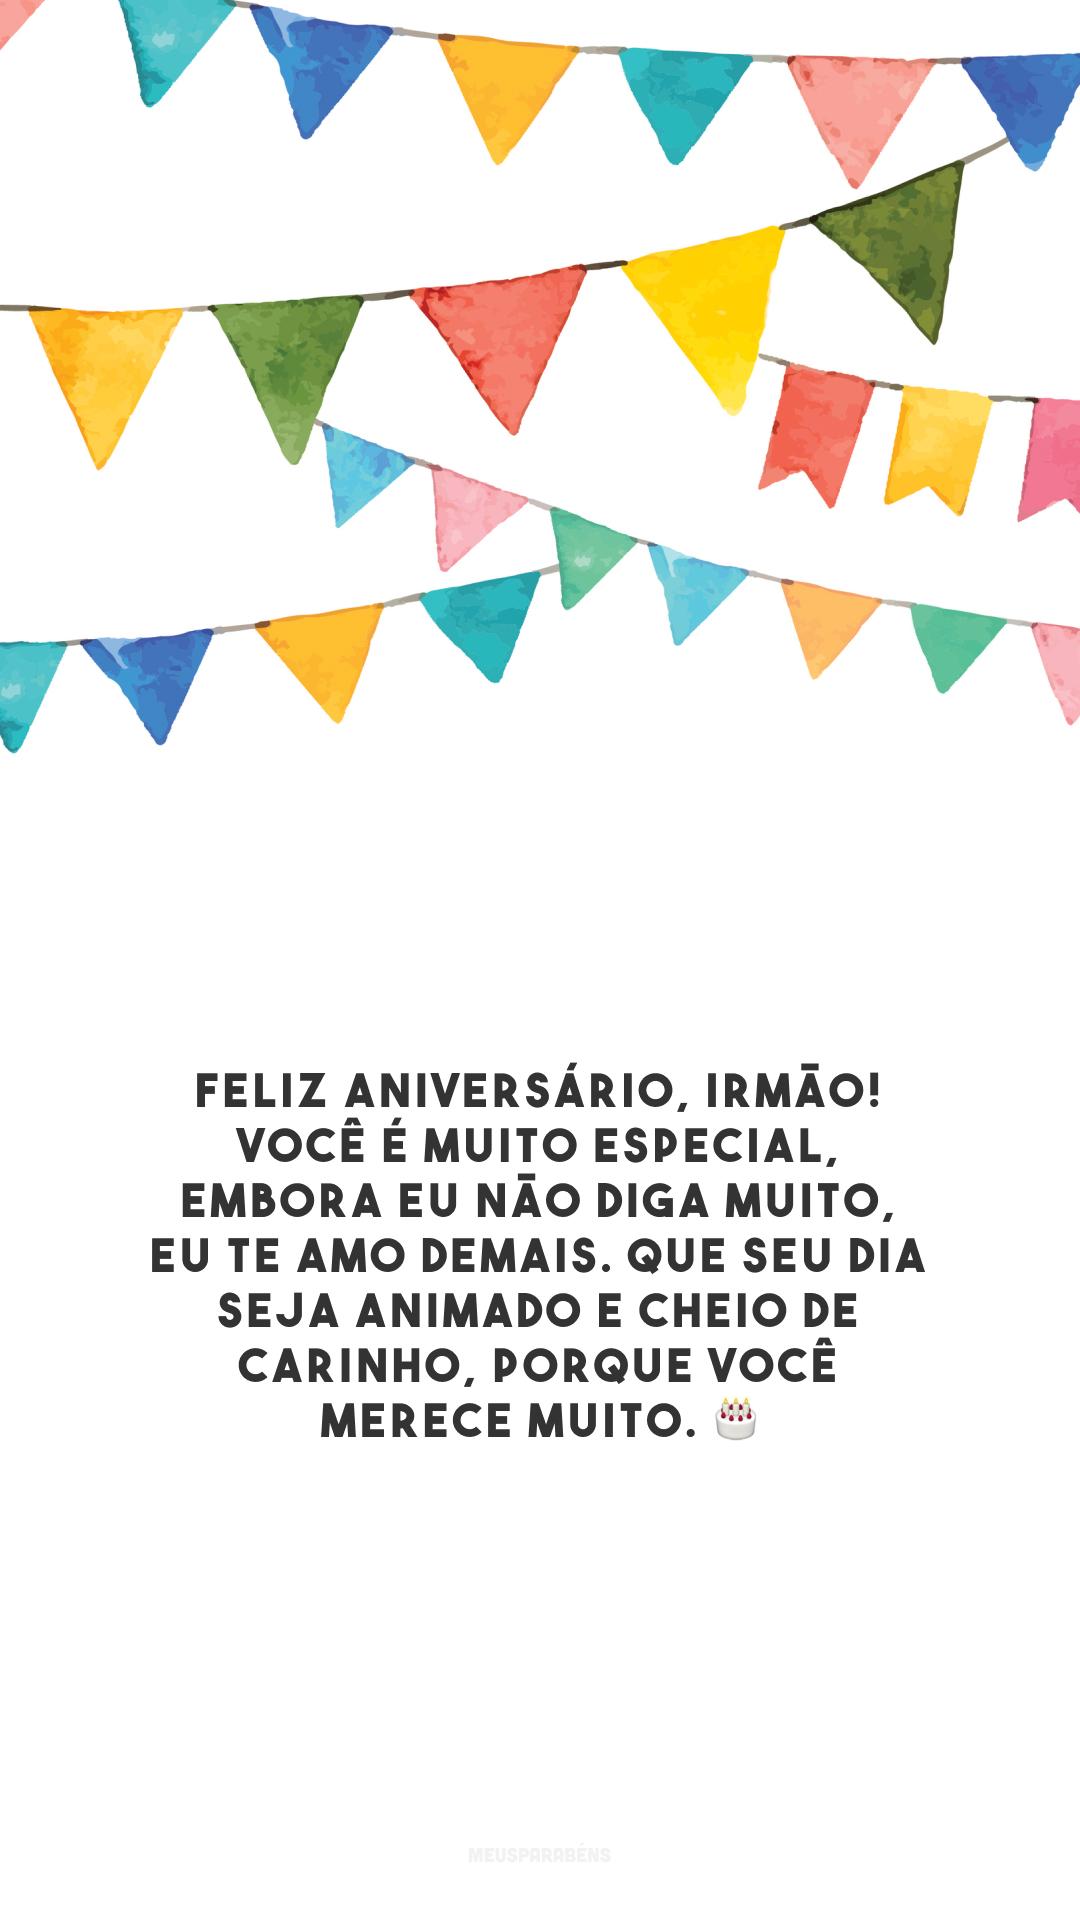 Feliz aniversário, irmão! Você é muito especial, embora eu não diga muito, eu te amo demais. Que seu dia seja animado e cheio de carinho, porque você merece muito. 🎂